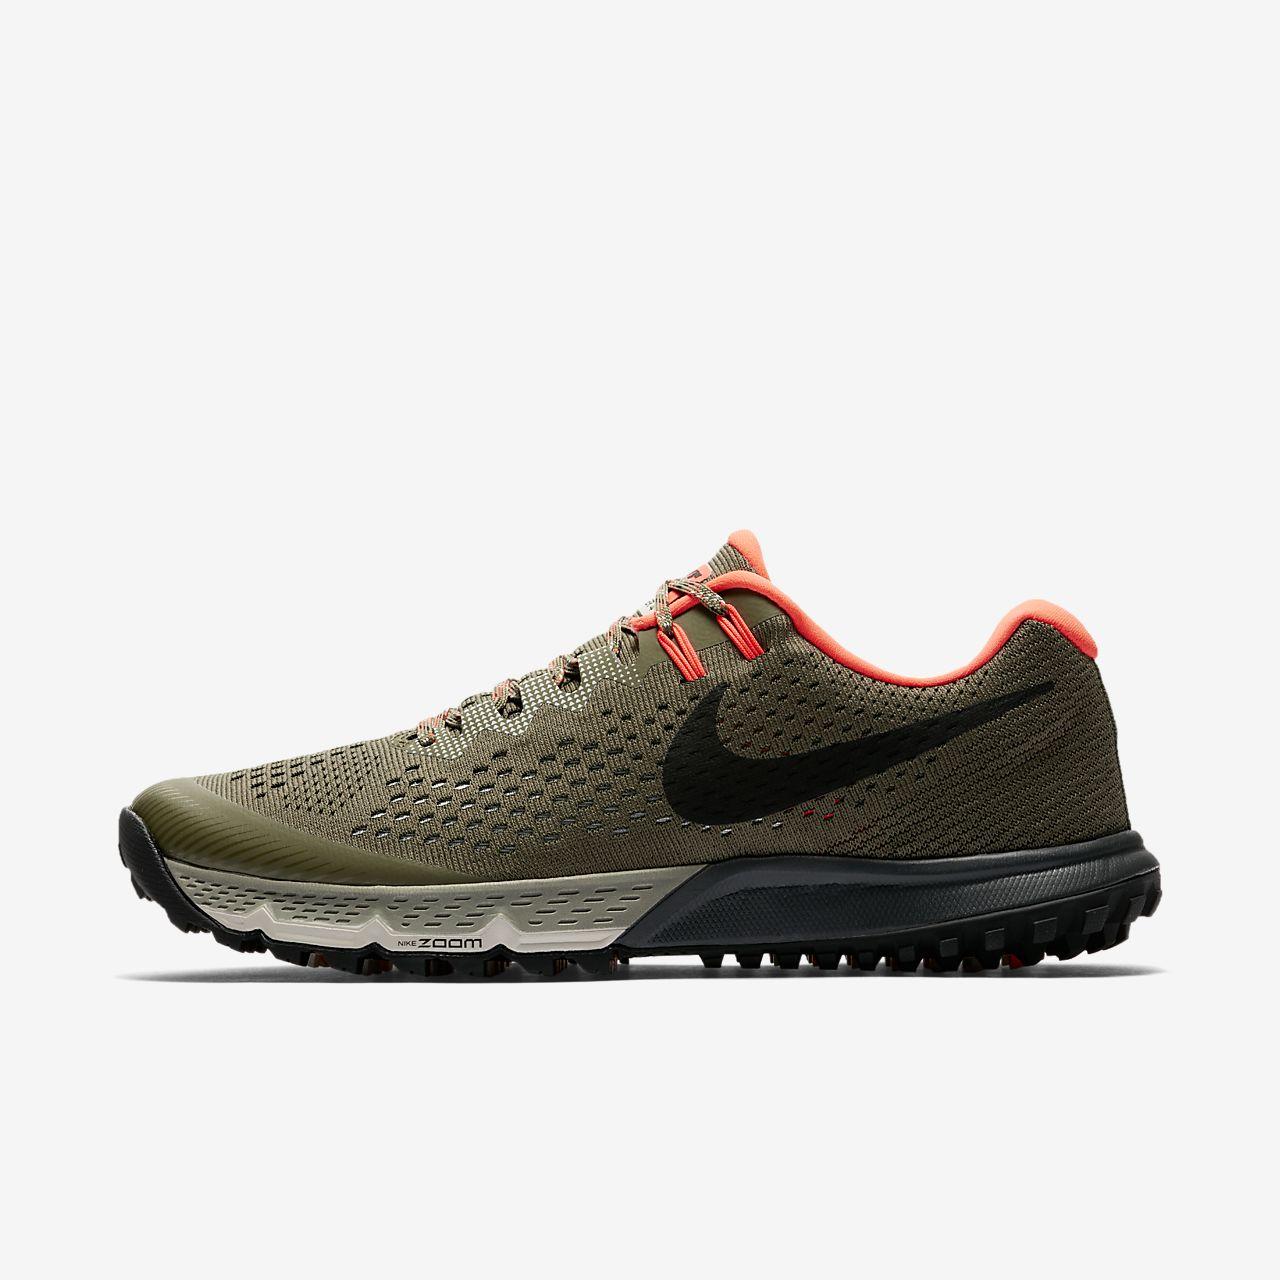 Zapatillas y zapatos Nike Air Zoom Terra Kiger 4 rsCDh